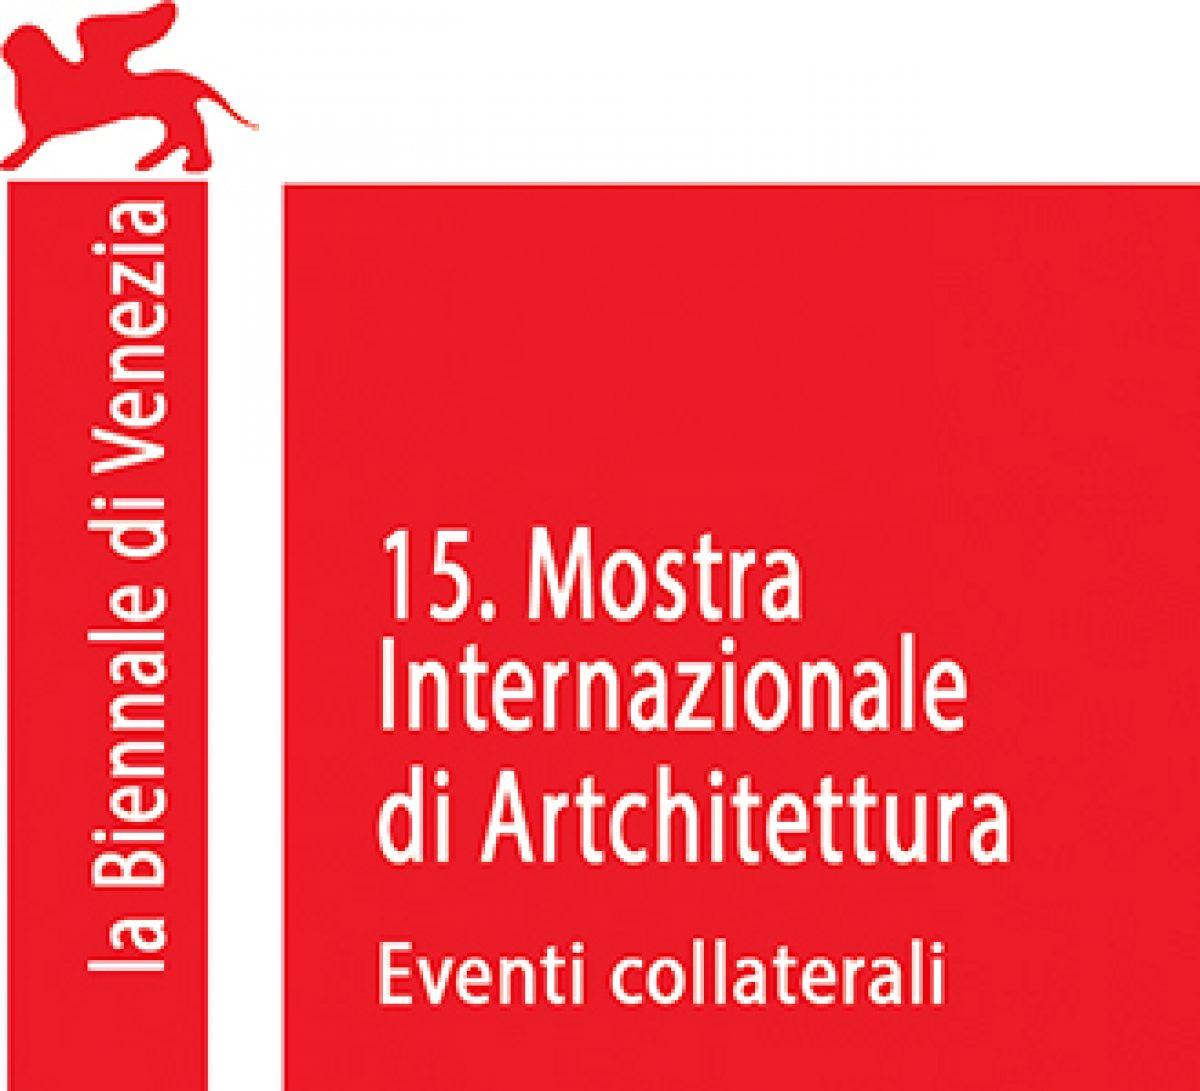 Εκδήλωση Ευρωπαϊκής Επιτροπής και Ιδρύματος Mies Van Der Rohe στην 15η Biennale Αρχιτεκτονικής Βενετίας 2016 (28.10.2016)